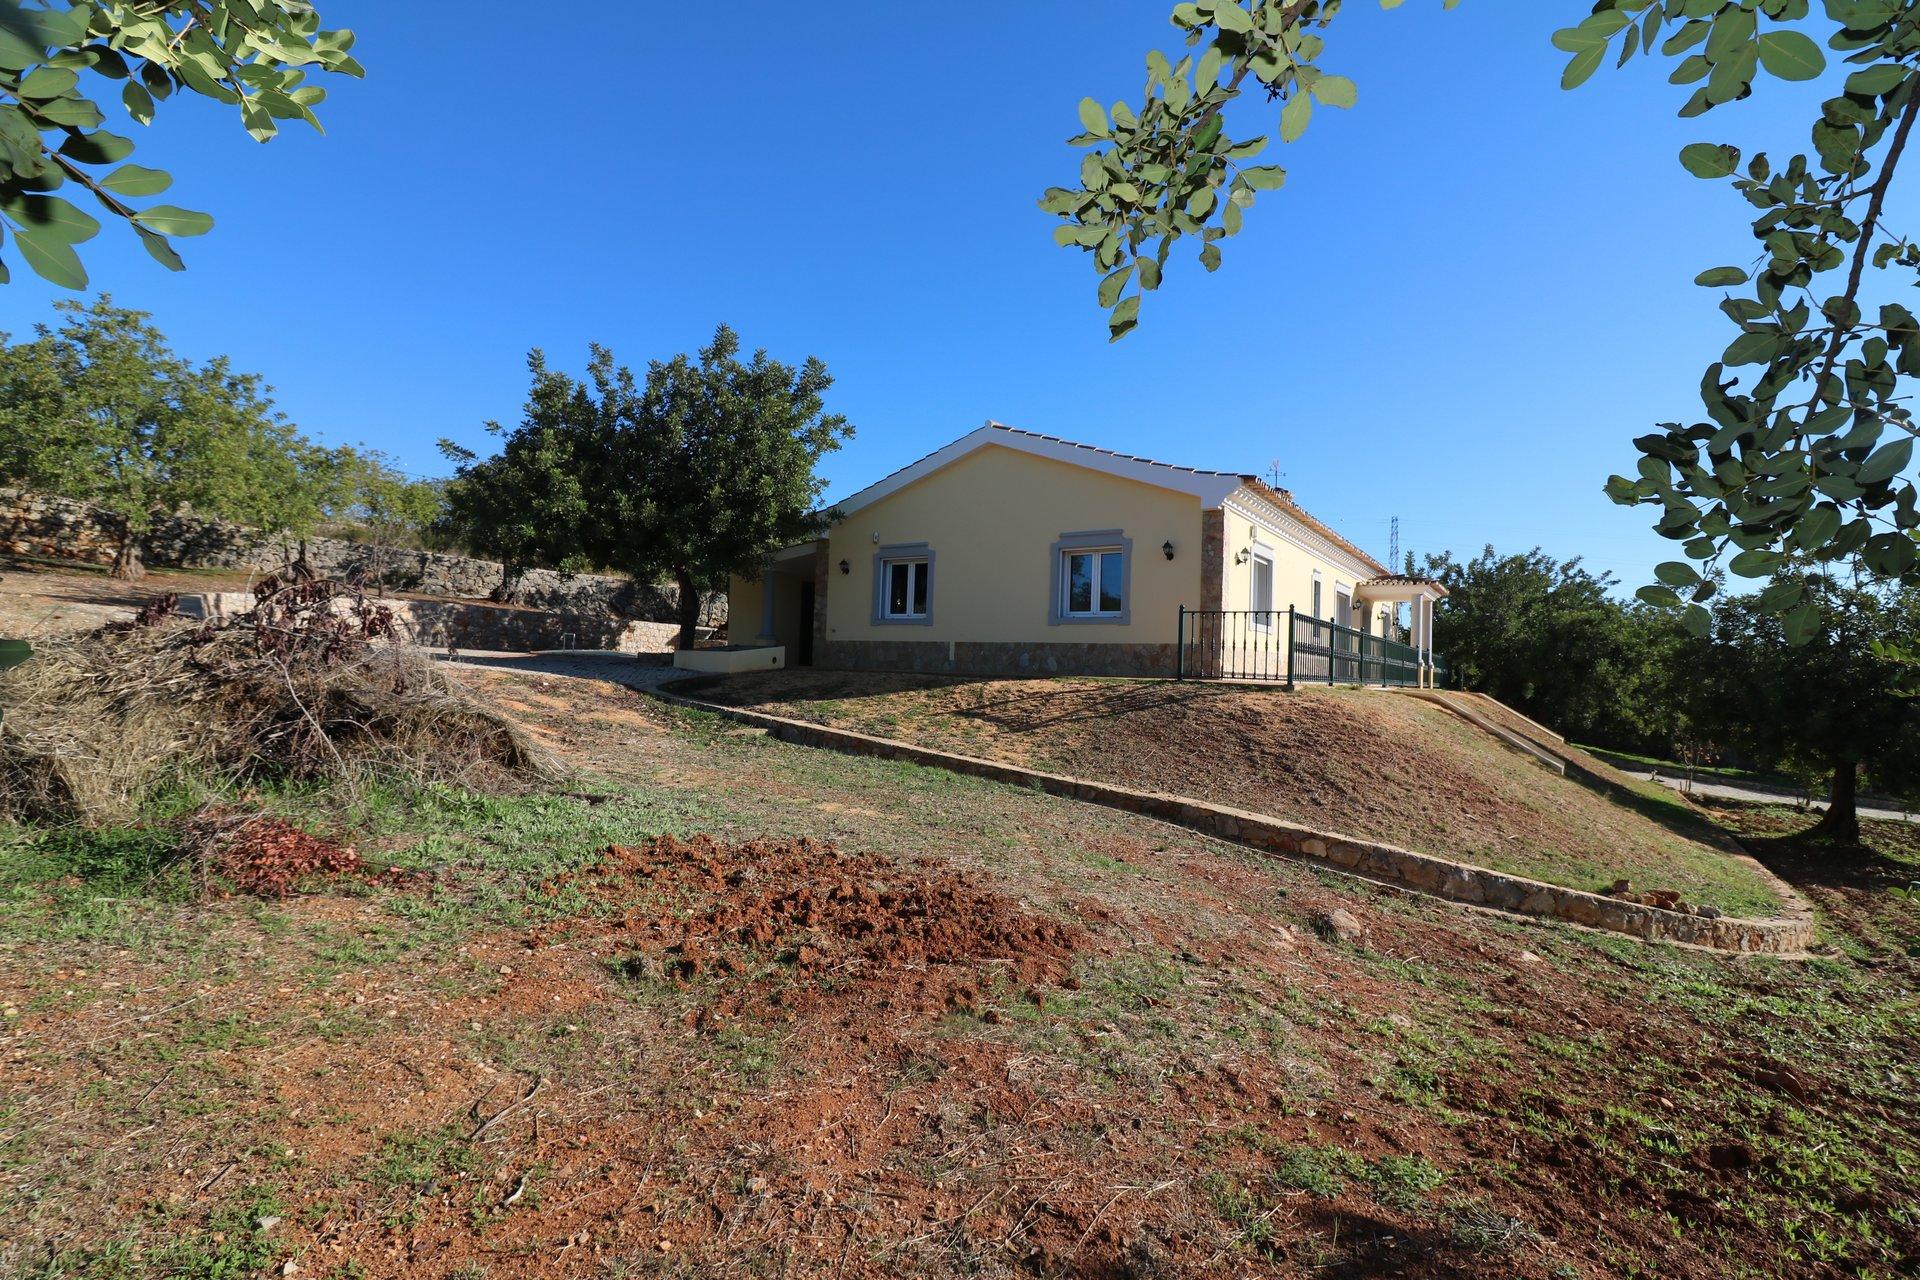 3 Bedroom Villa Sao Bras de Alportel, Central Algarve Ref: JV10223